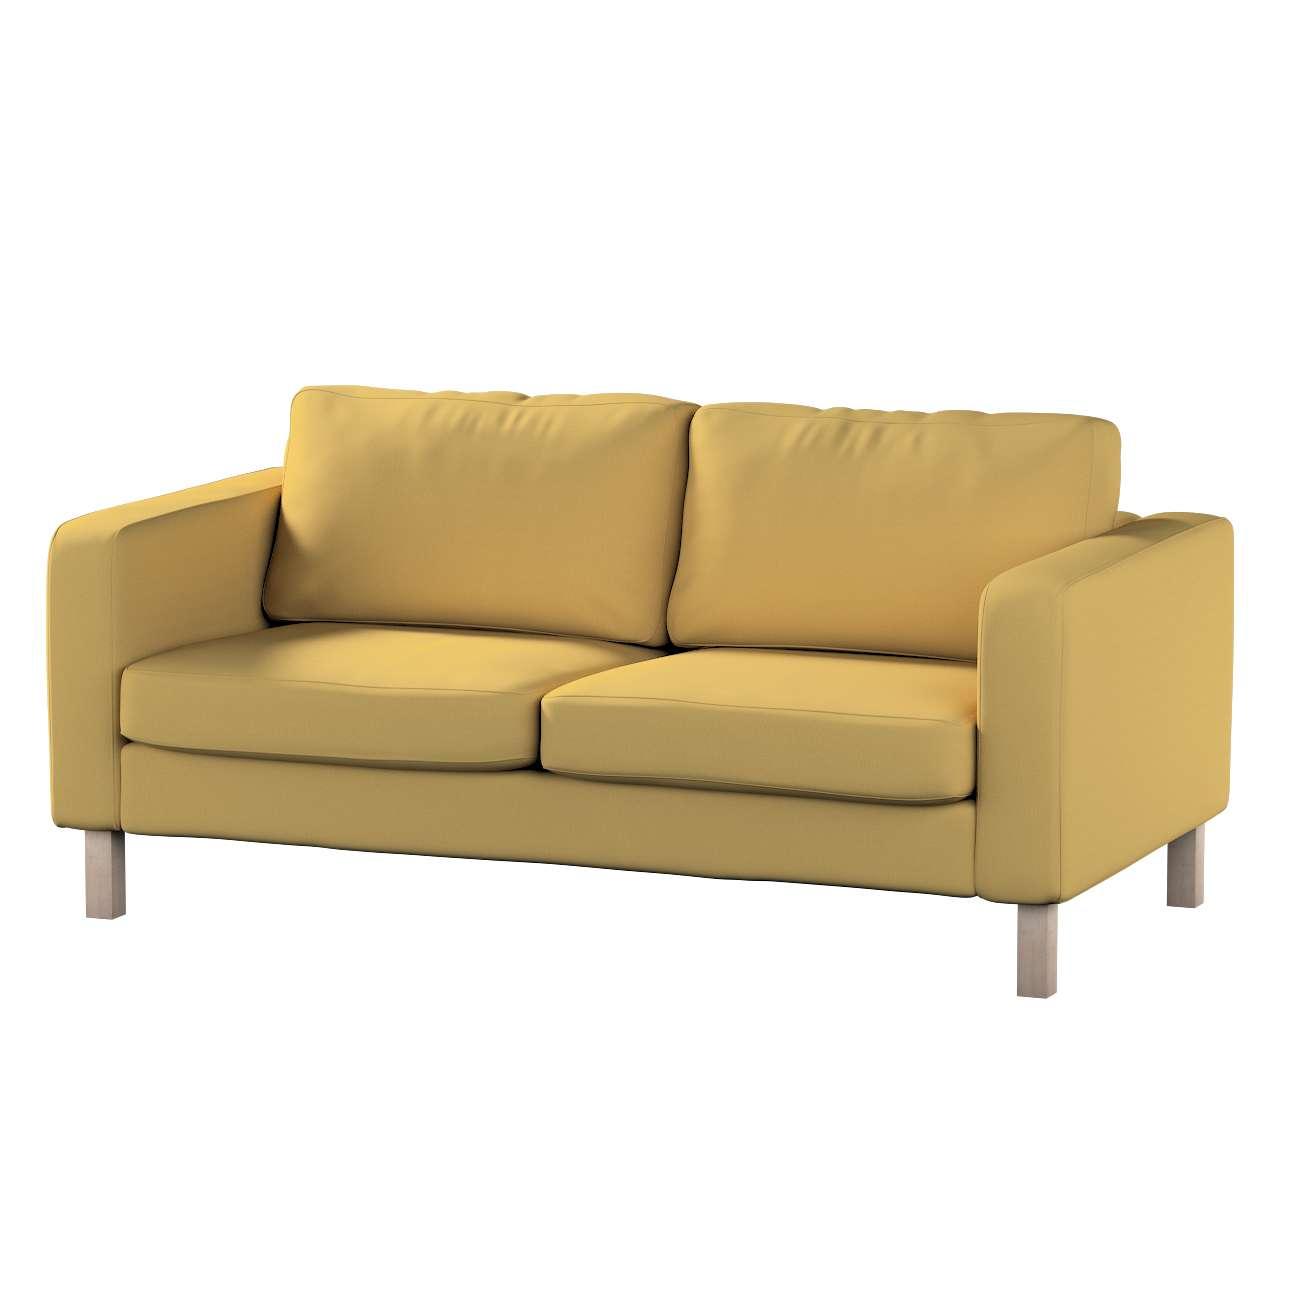 Pokrowiec na sofę Karlstad 2-osobową nierozkładaną krótki w kolekcji Cotton Panama, tkanina: 702-41